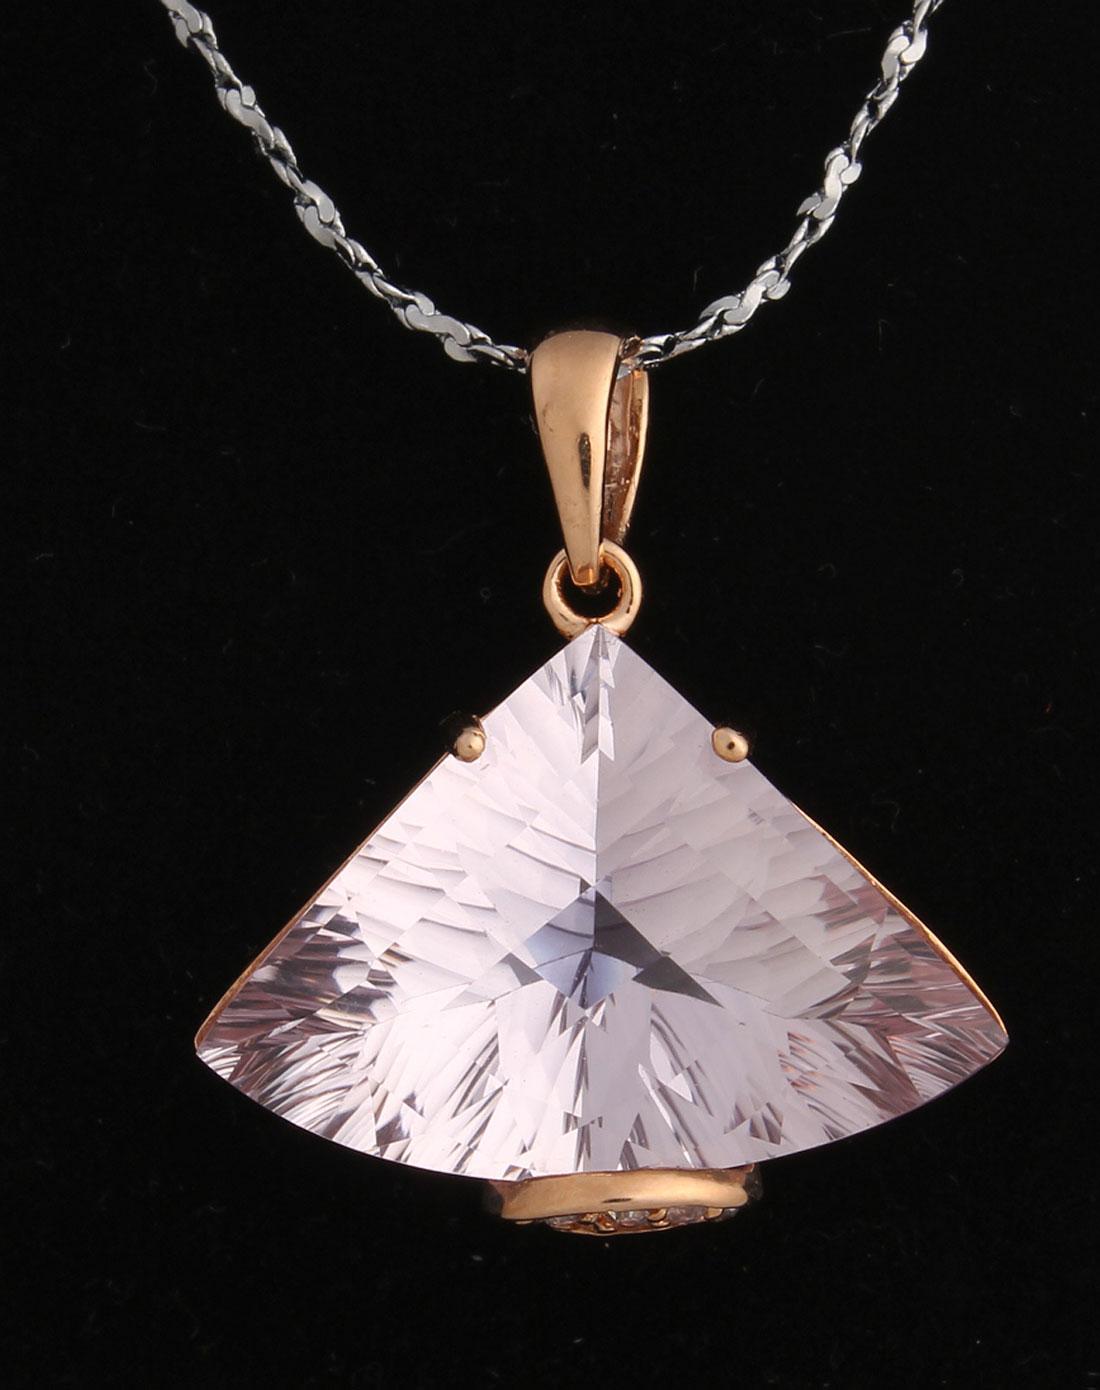 天然紫水晶切面925银镀玫瑰金吊坠(附权威鉴定证书)香港国际珠宝展